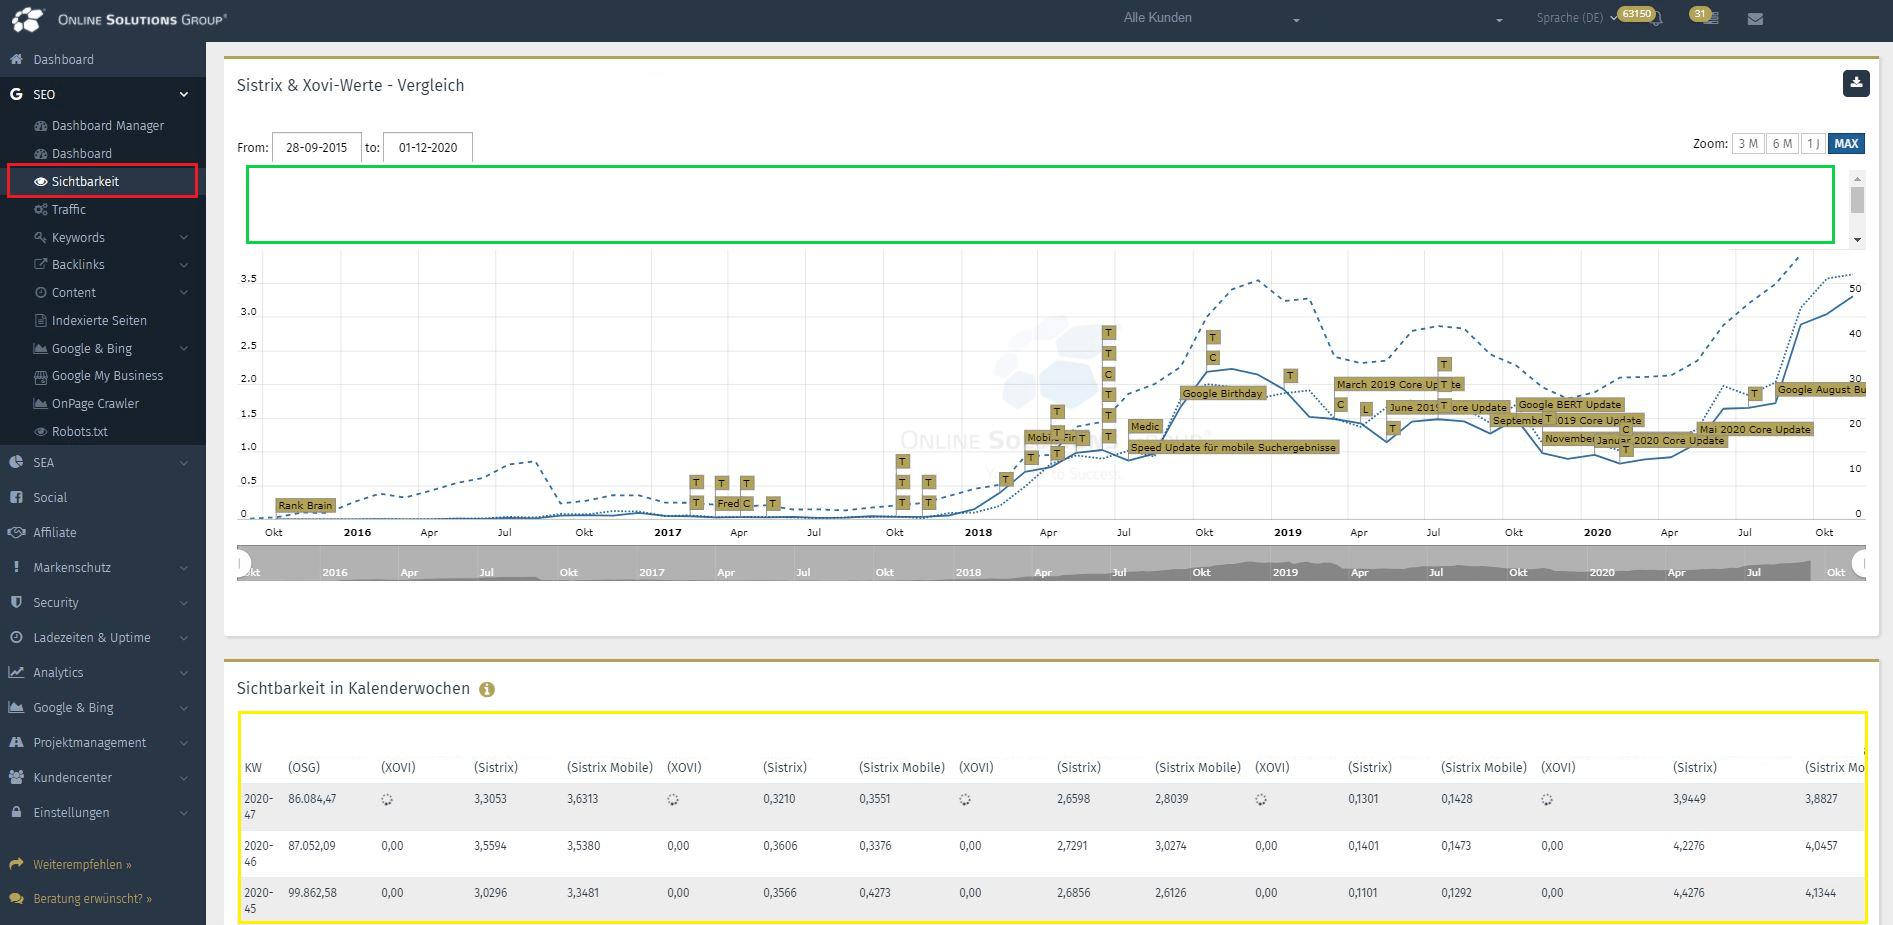 Die OSG Performance Suite: SIchtbarkeitsvergleich mit der Konkurrenz